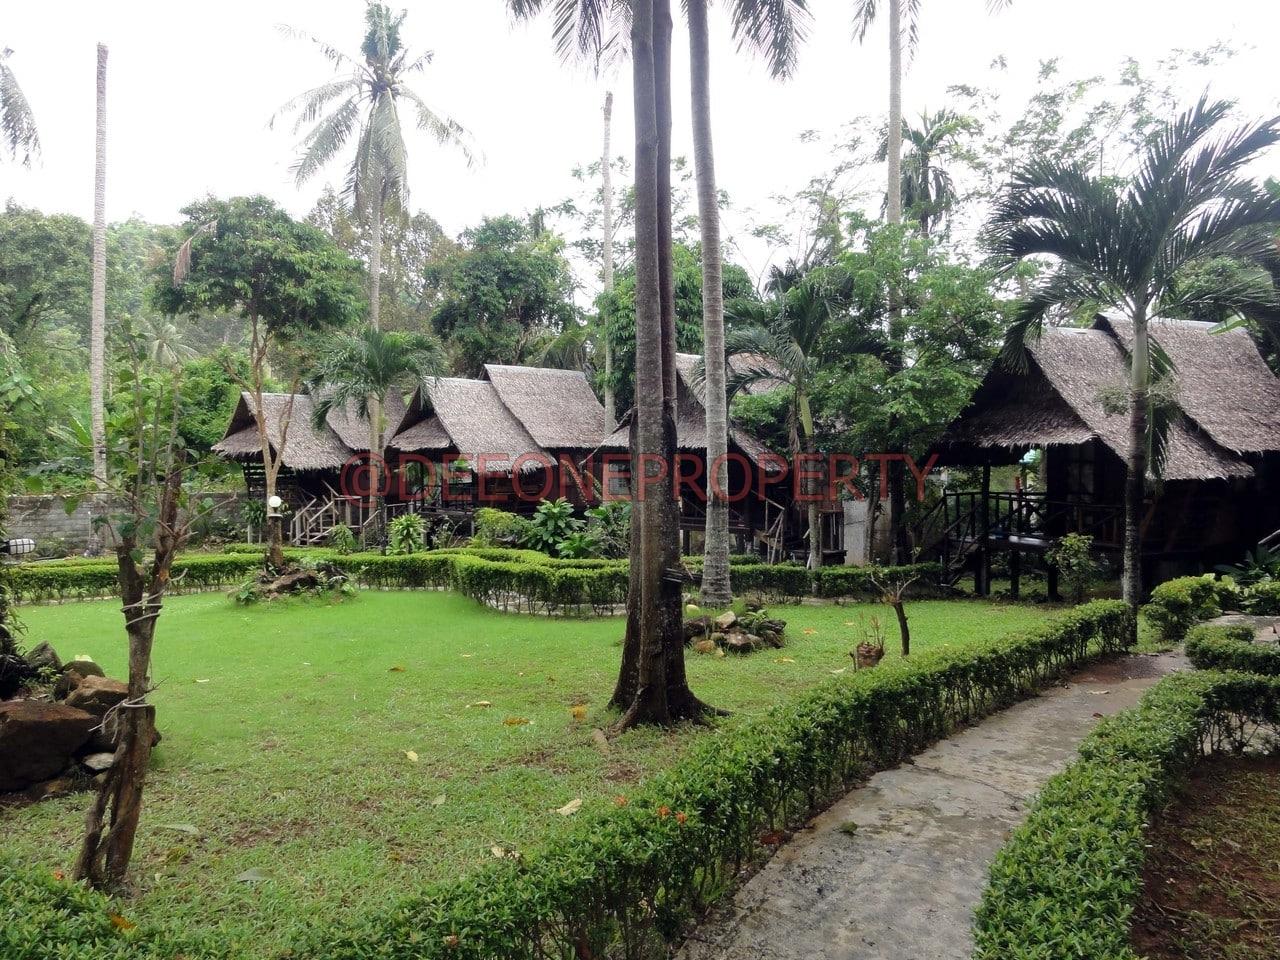 Huge Deal on Garden Resort for Sale – South West Coast, Koh Chang